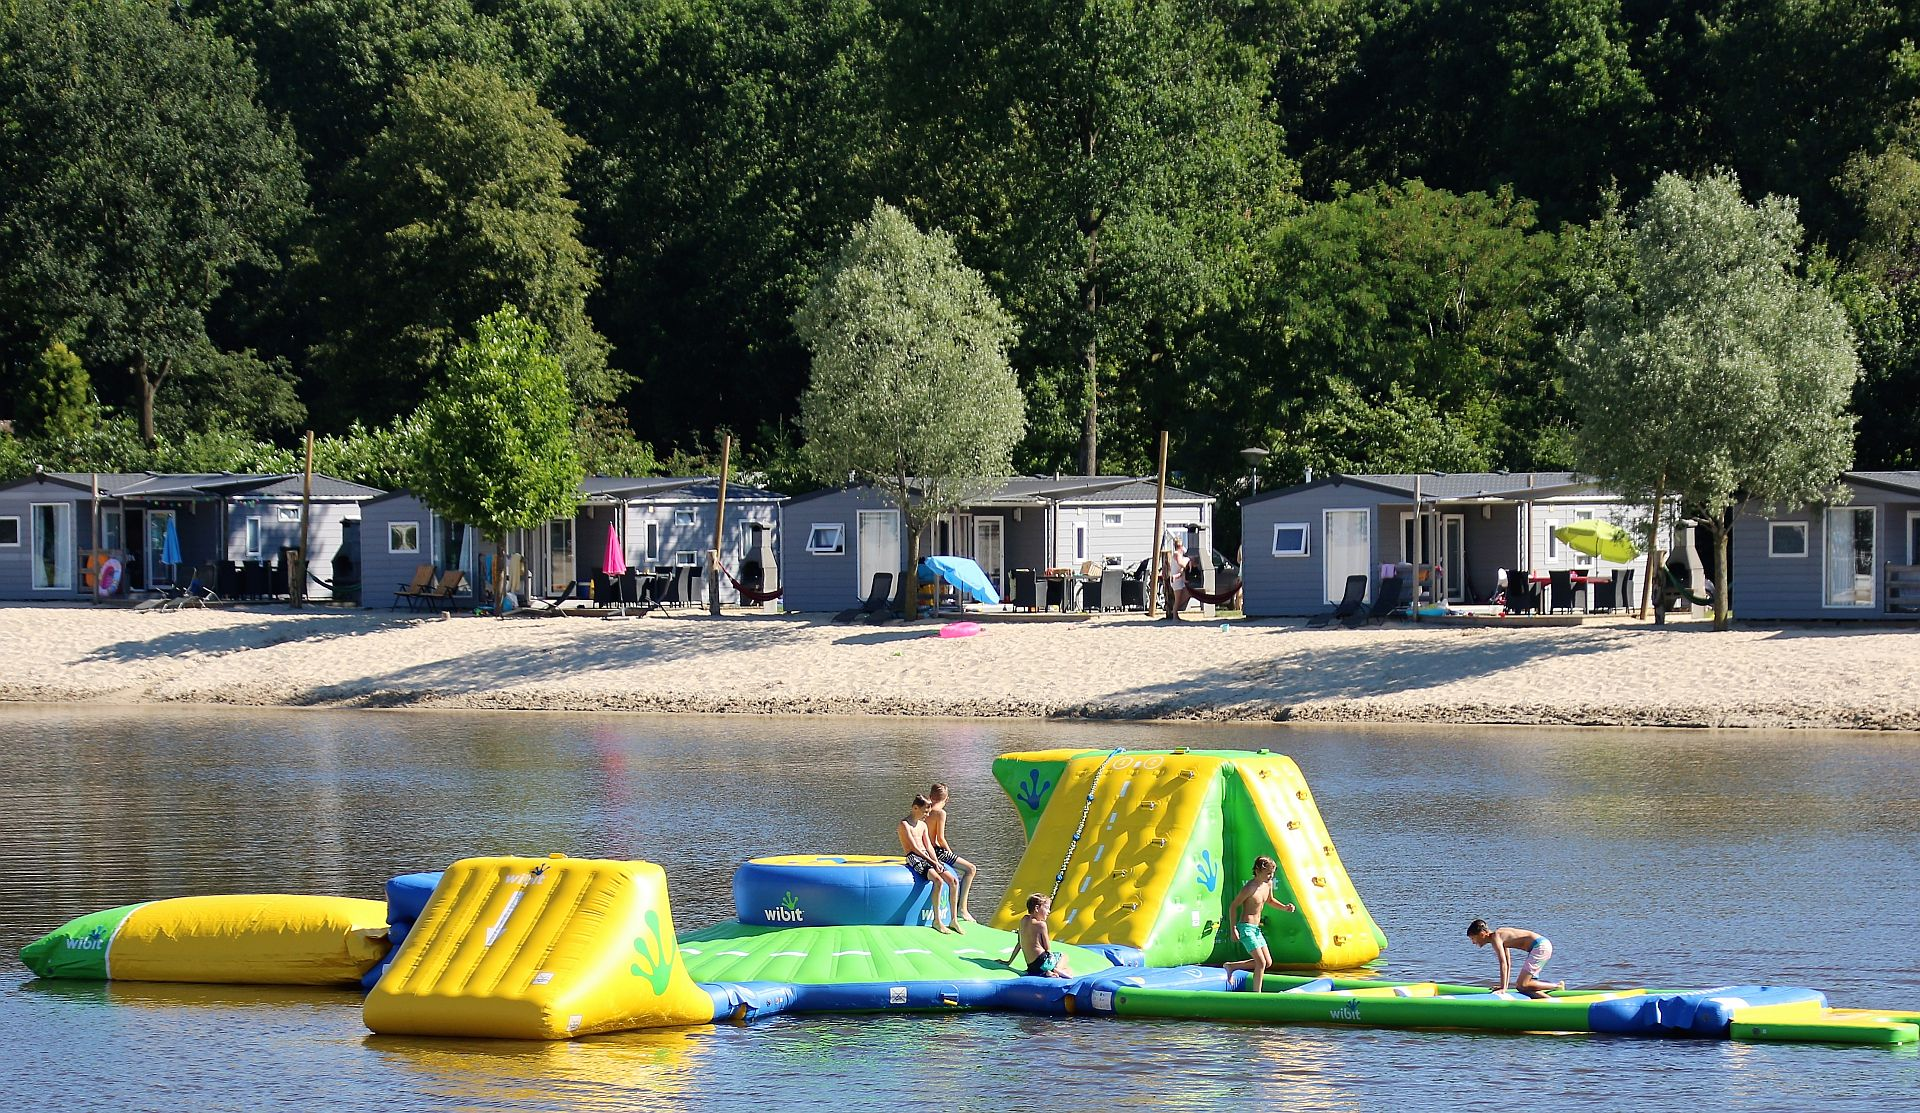 Vakantie in Nederland met zwembad - vakantie in Nederland met zwembad